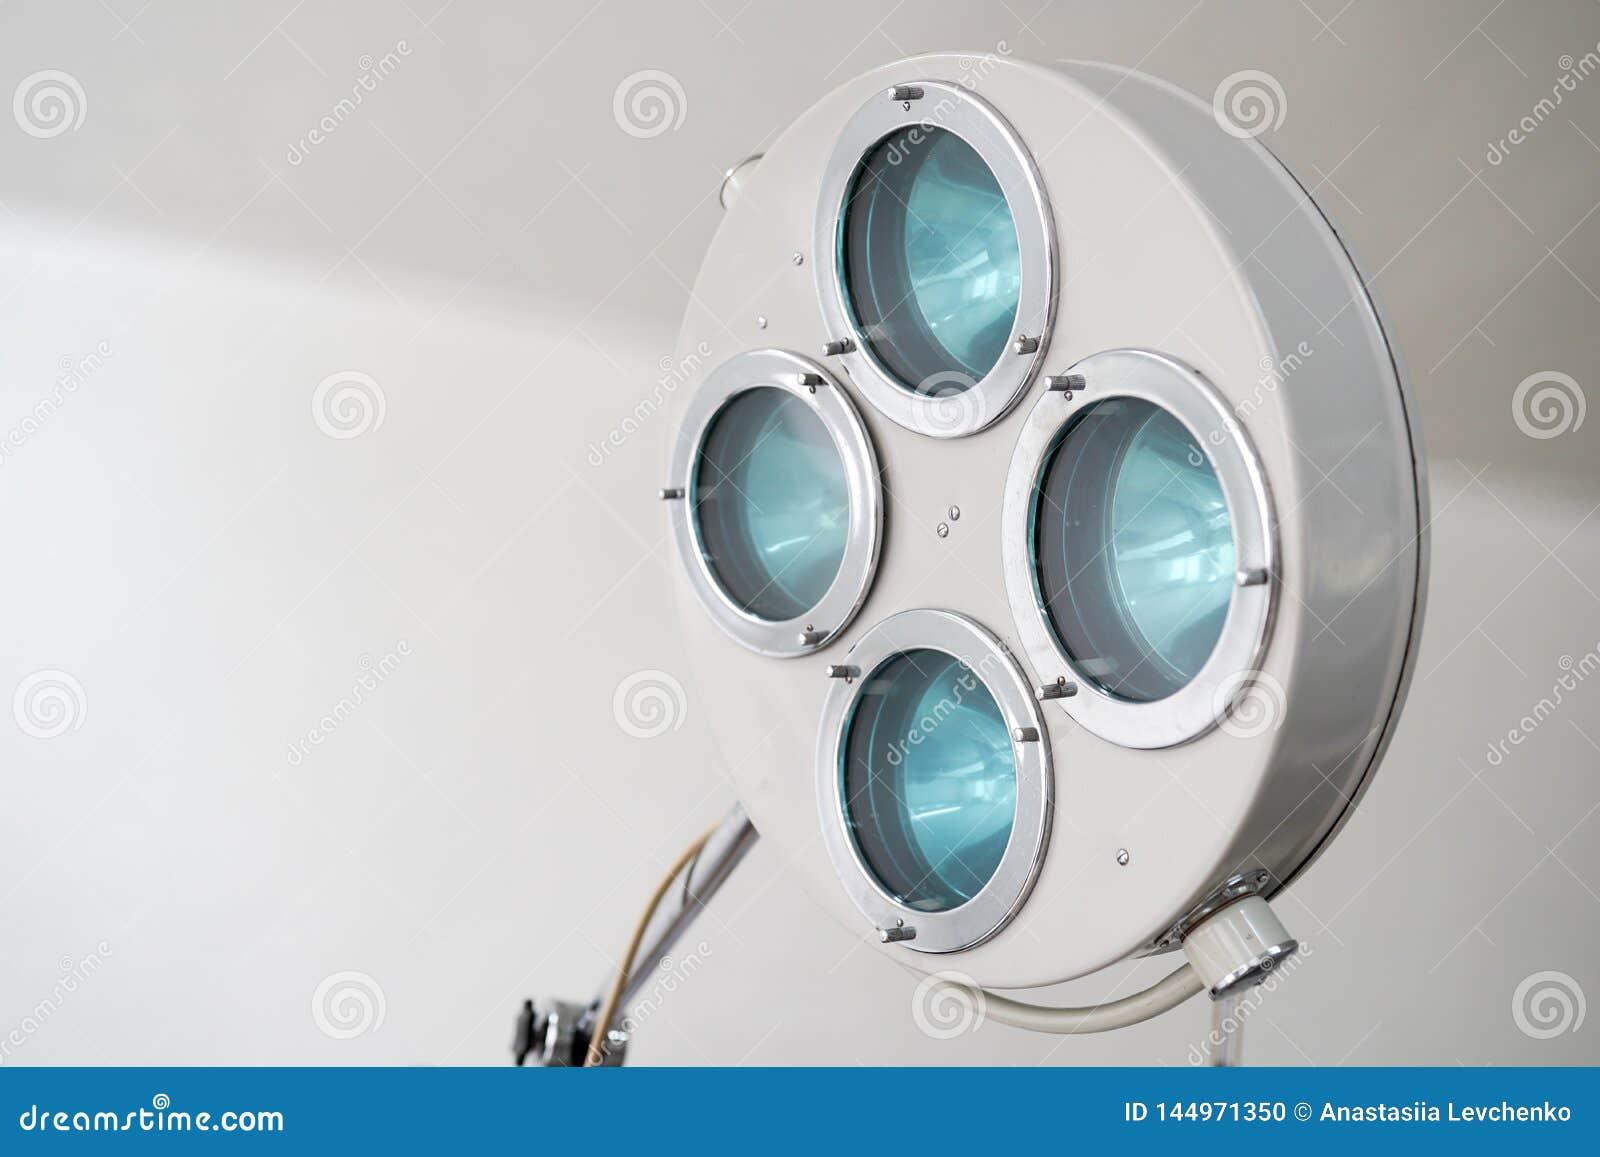 Хирургические лампа и медицинские службы в операционной (